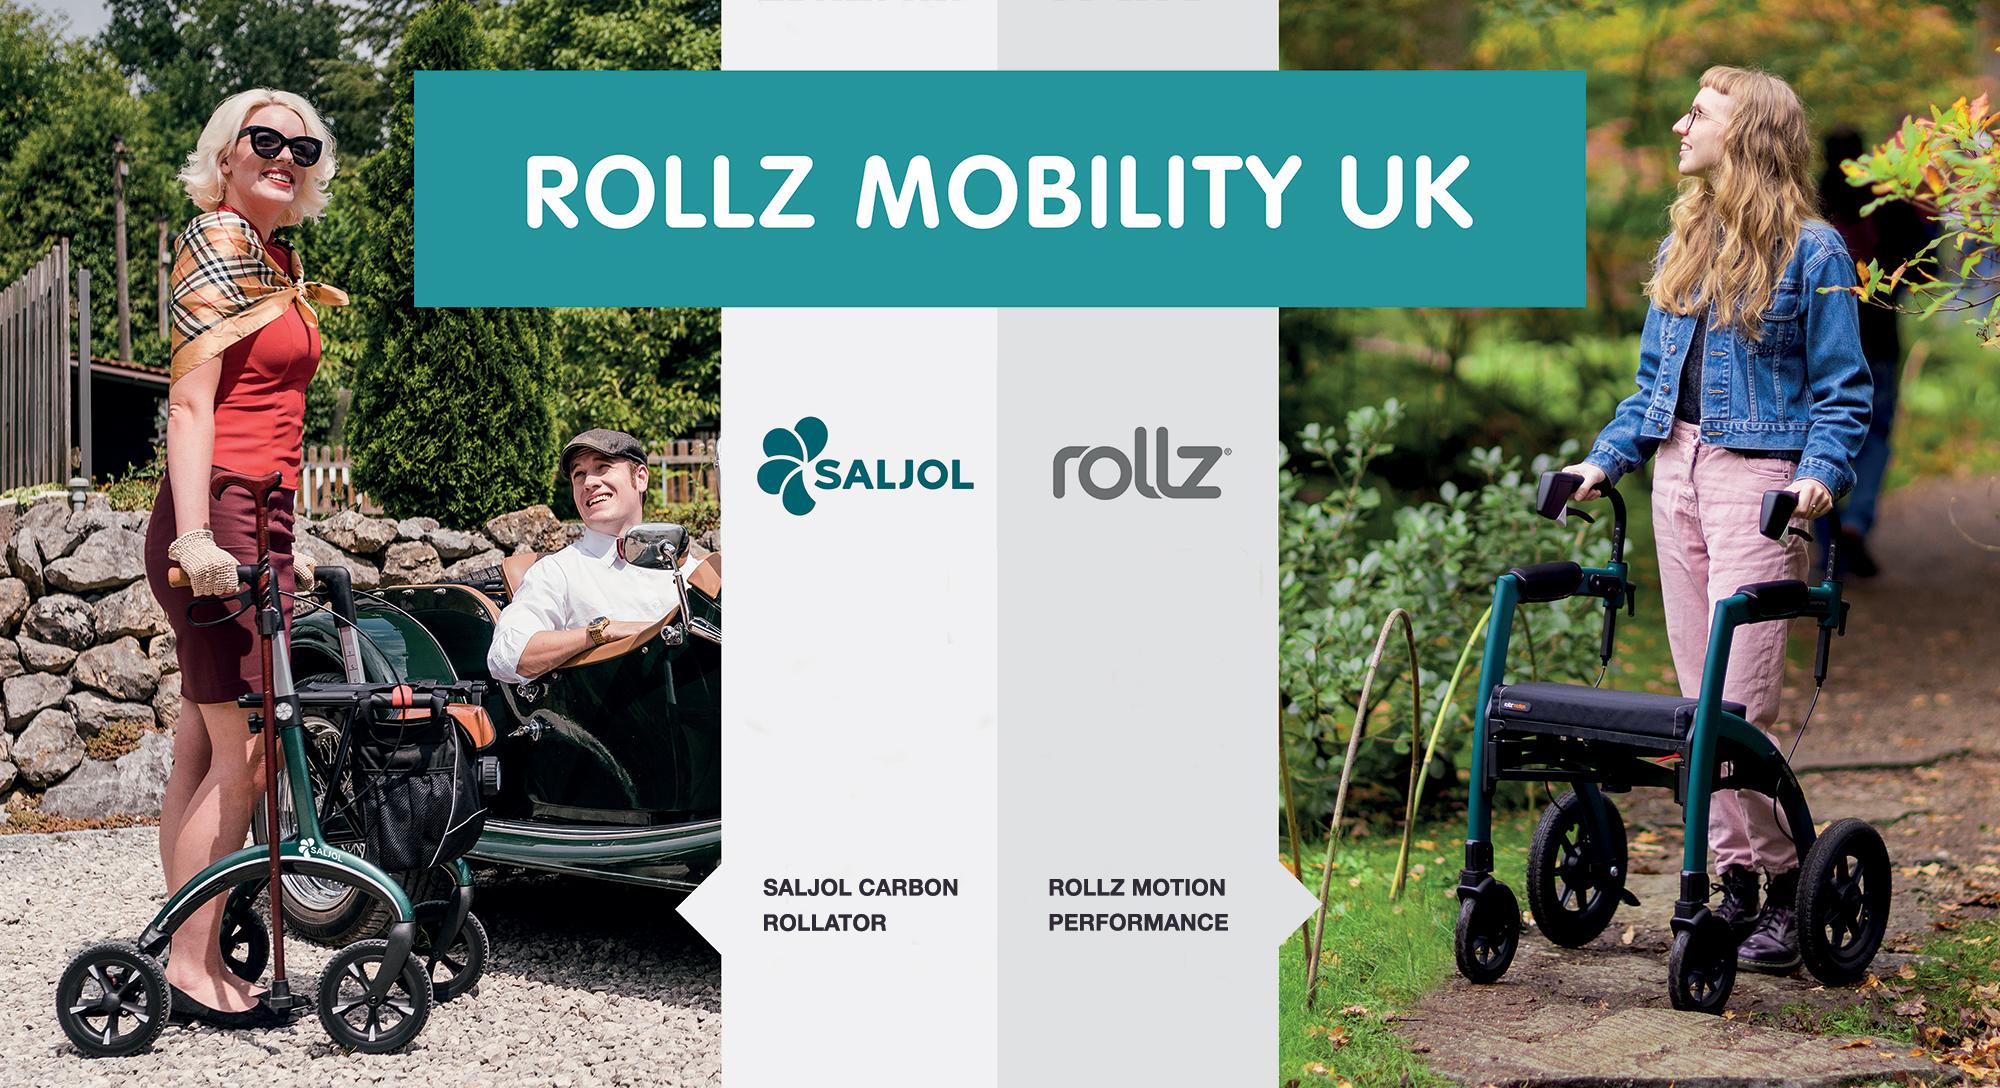 Rollz meets Saljol 2020 in Rollz Mobility UK